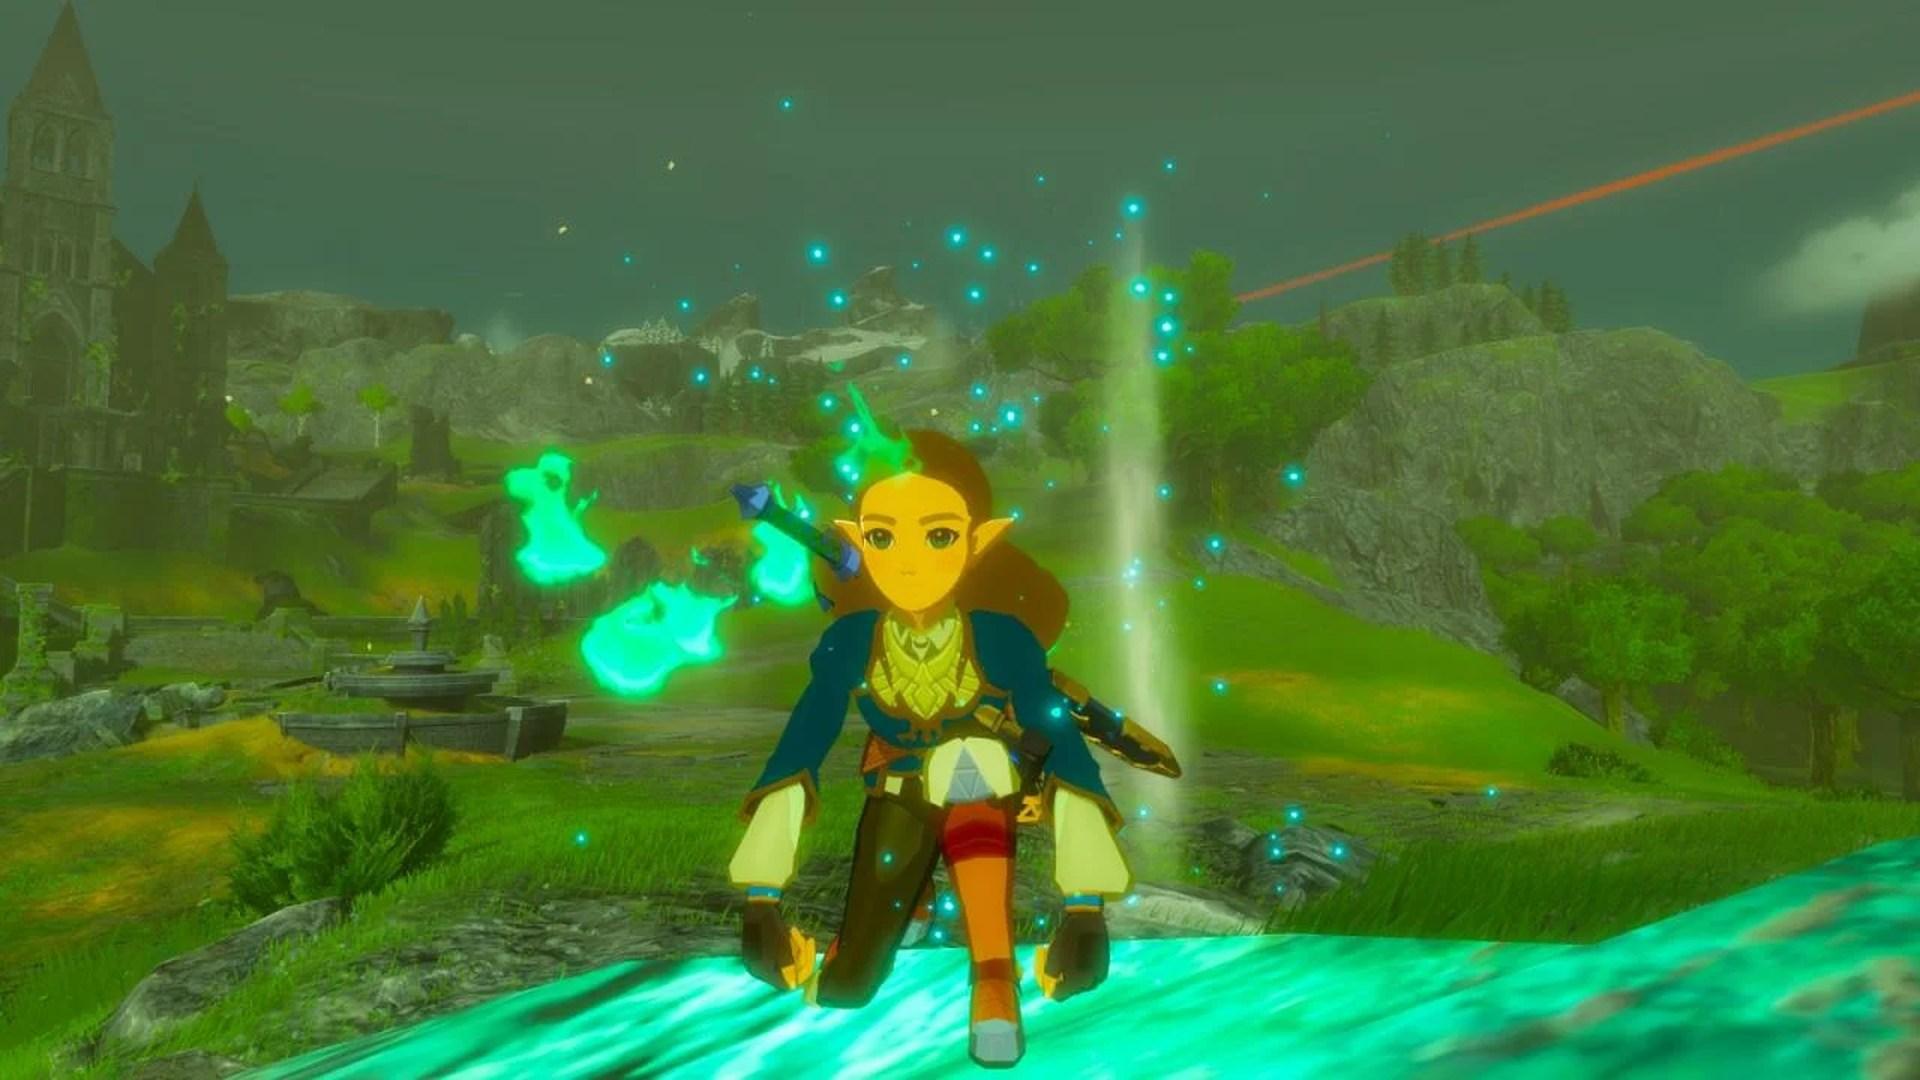 Gaming, Konsole, Streaming, Spielkonsole, Nintendo, Serie, Switch, Zelda, The Legend of Zelda: Breath of the Wild